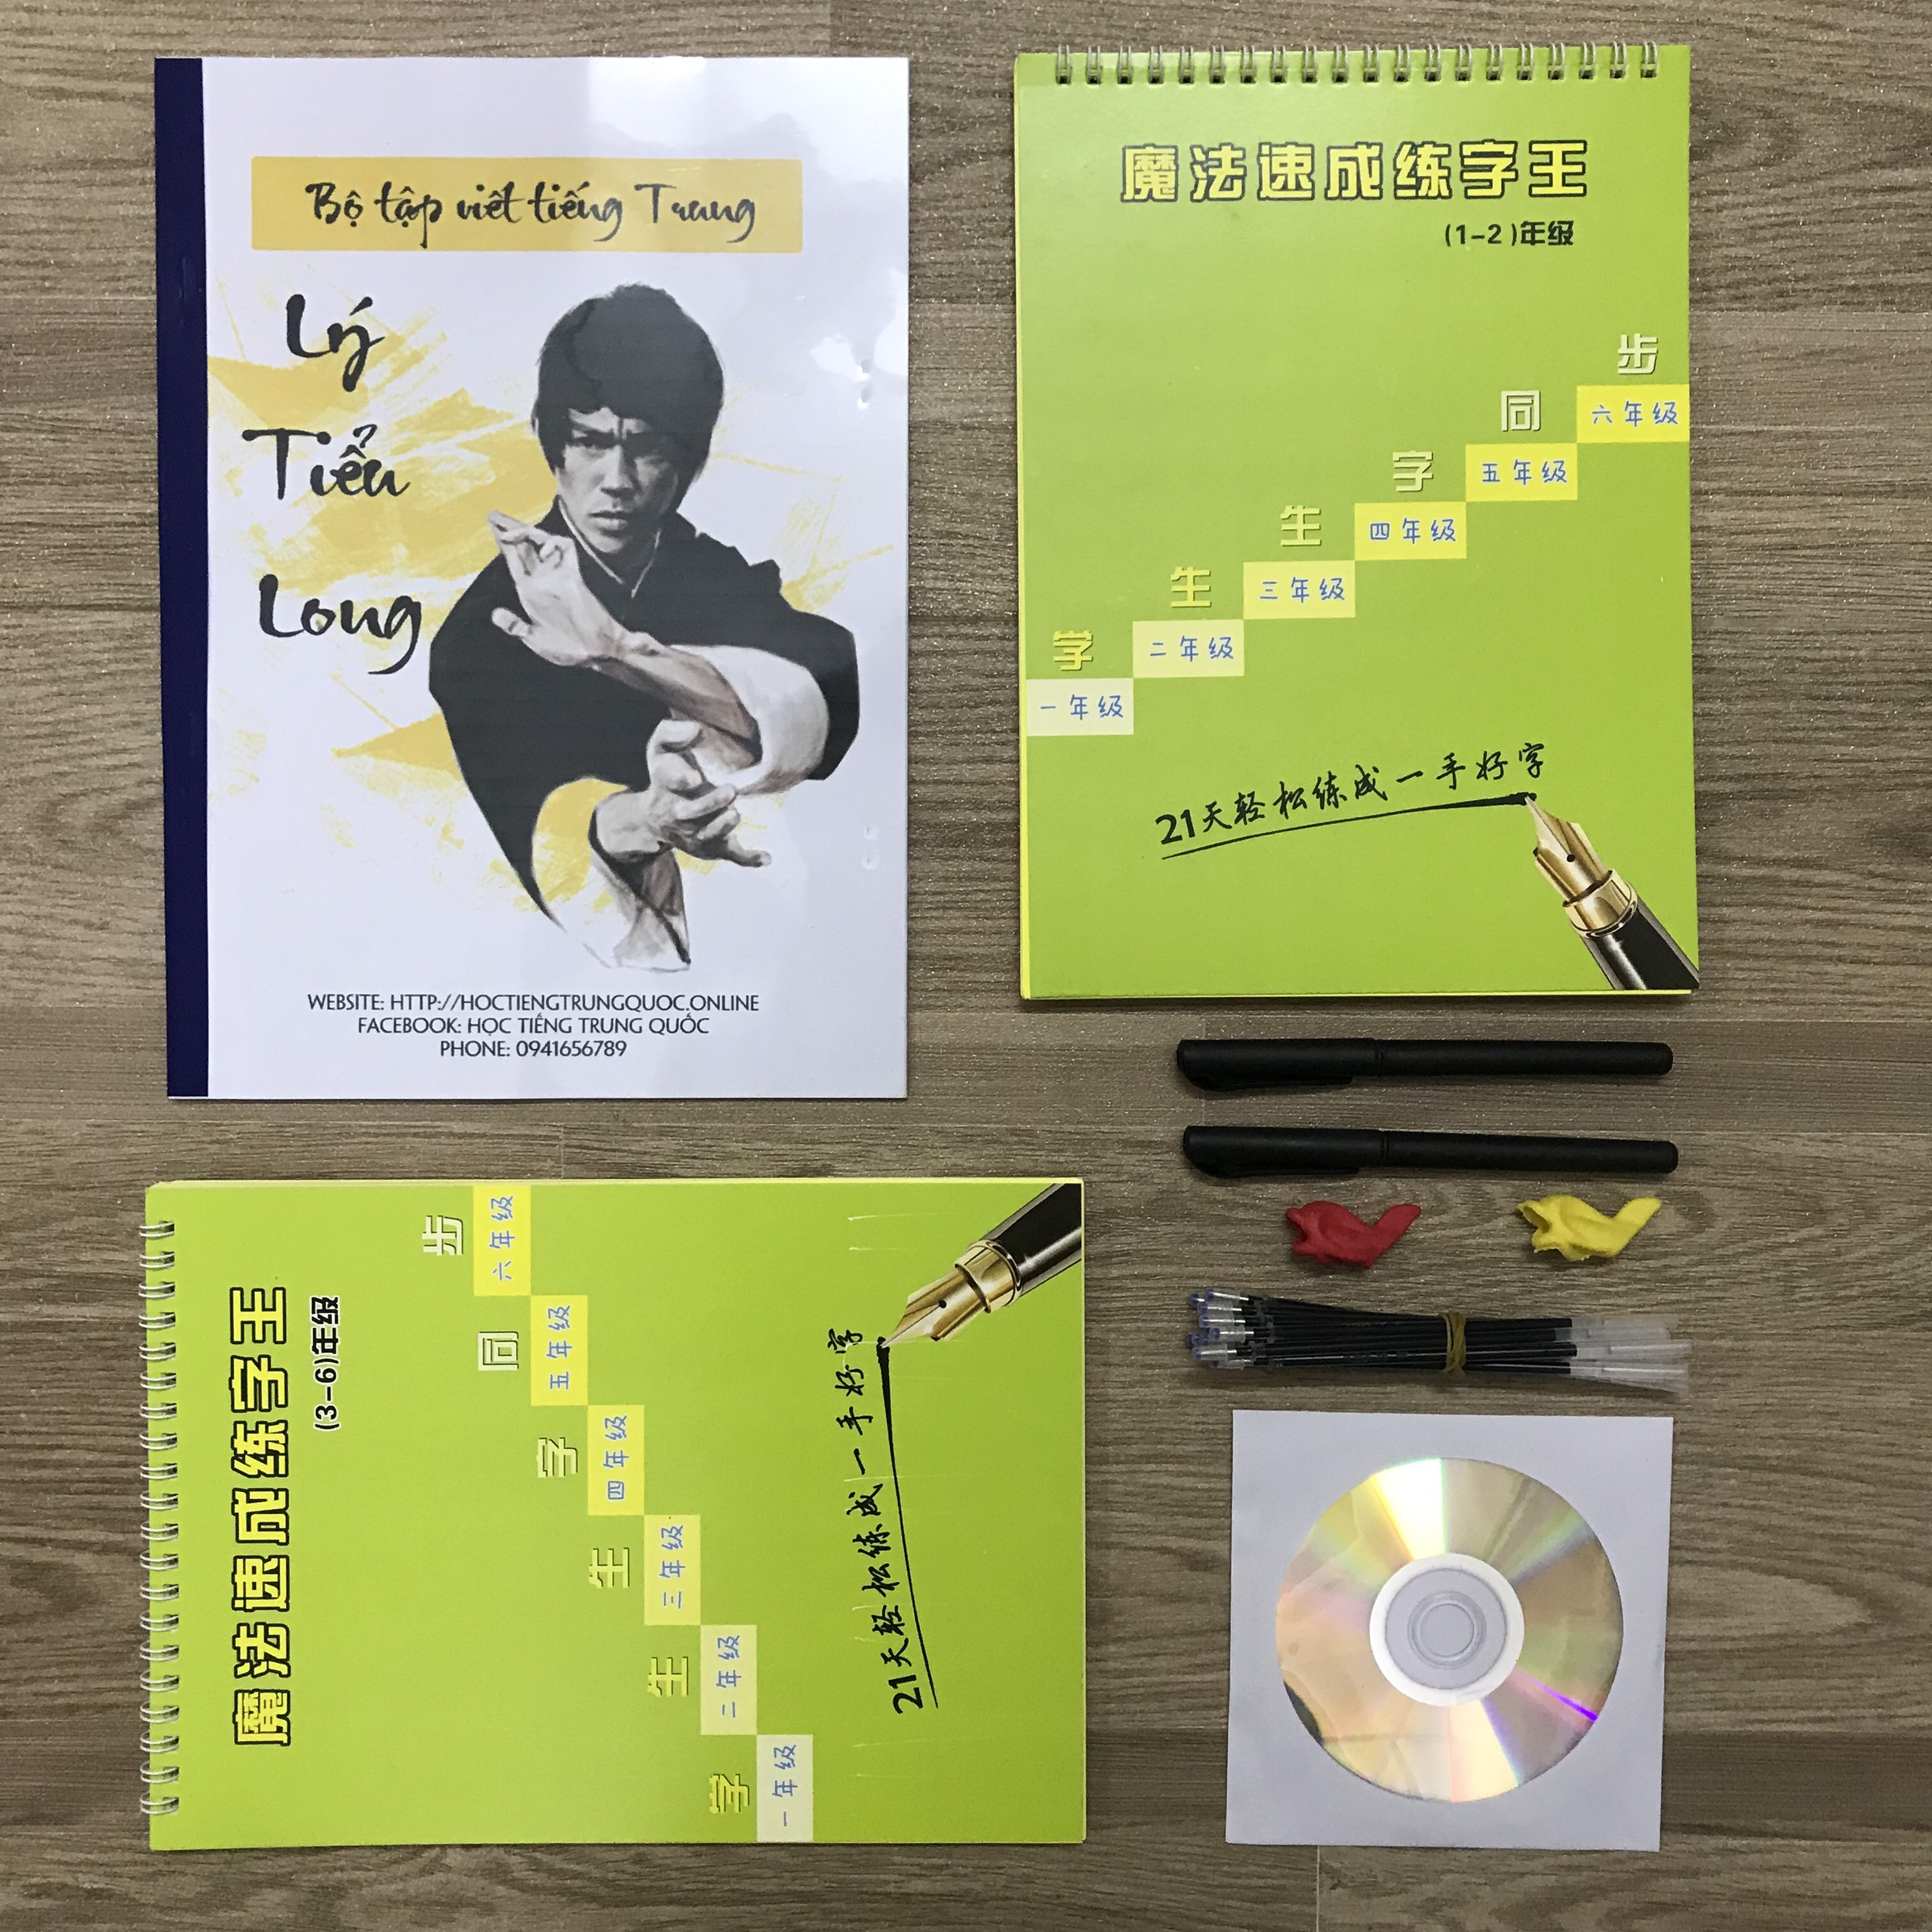 Combo bộ tập viết mực tự bay màu Lý Tiểu Long 3200 chữ 15 ruột bút có giải nghĩa bản cứng + DVD quà tặng